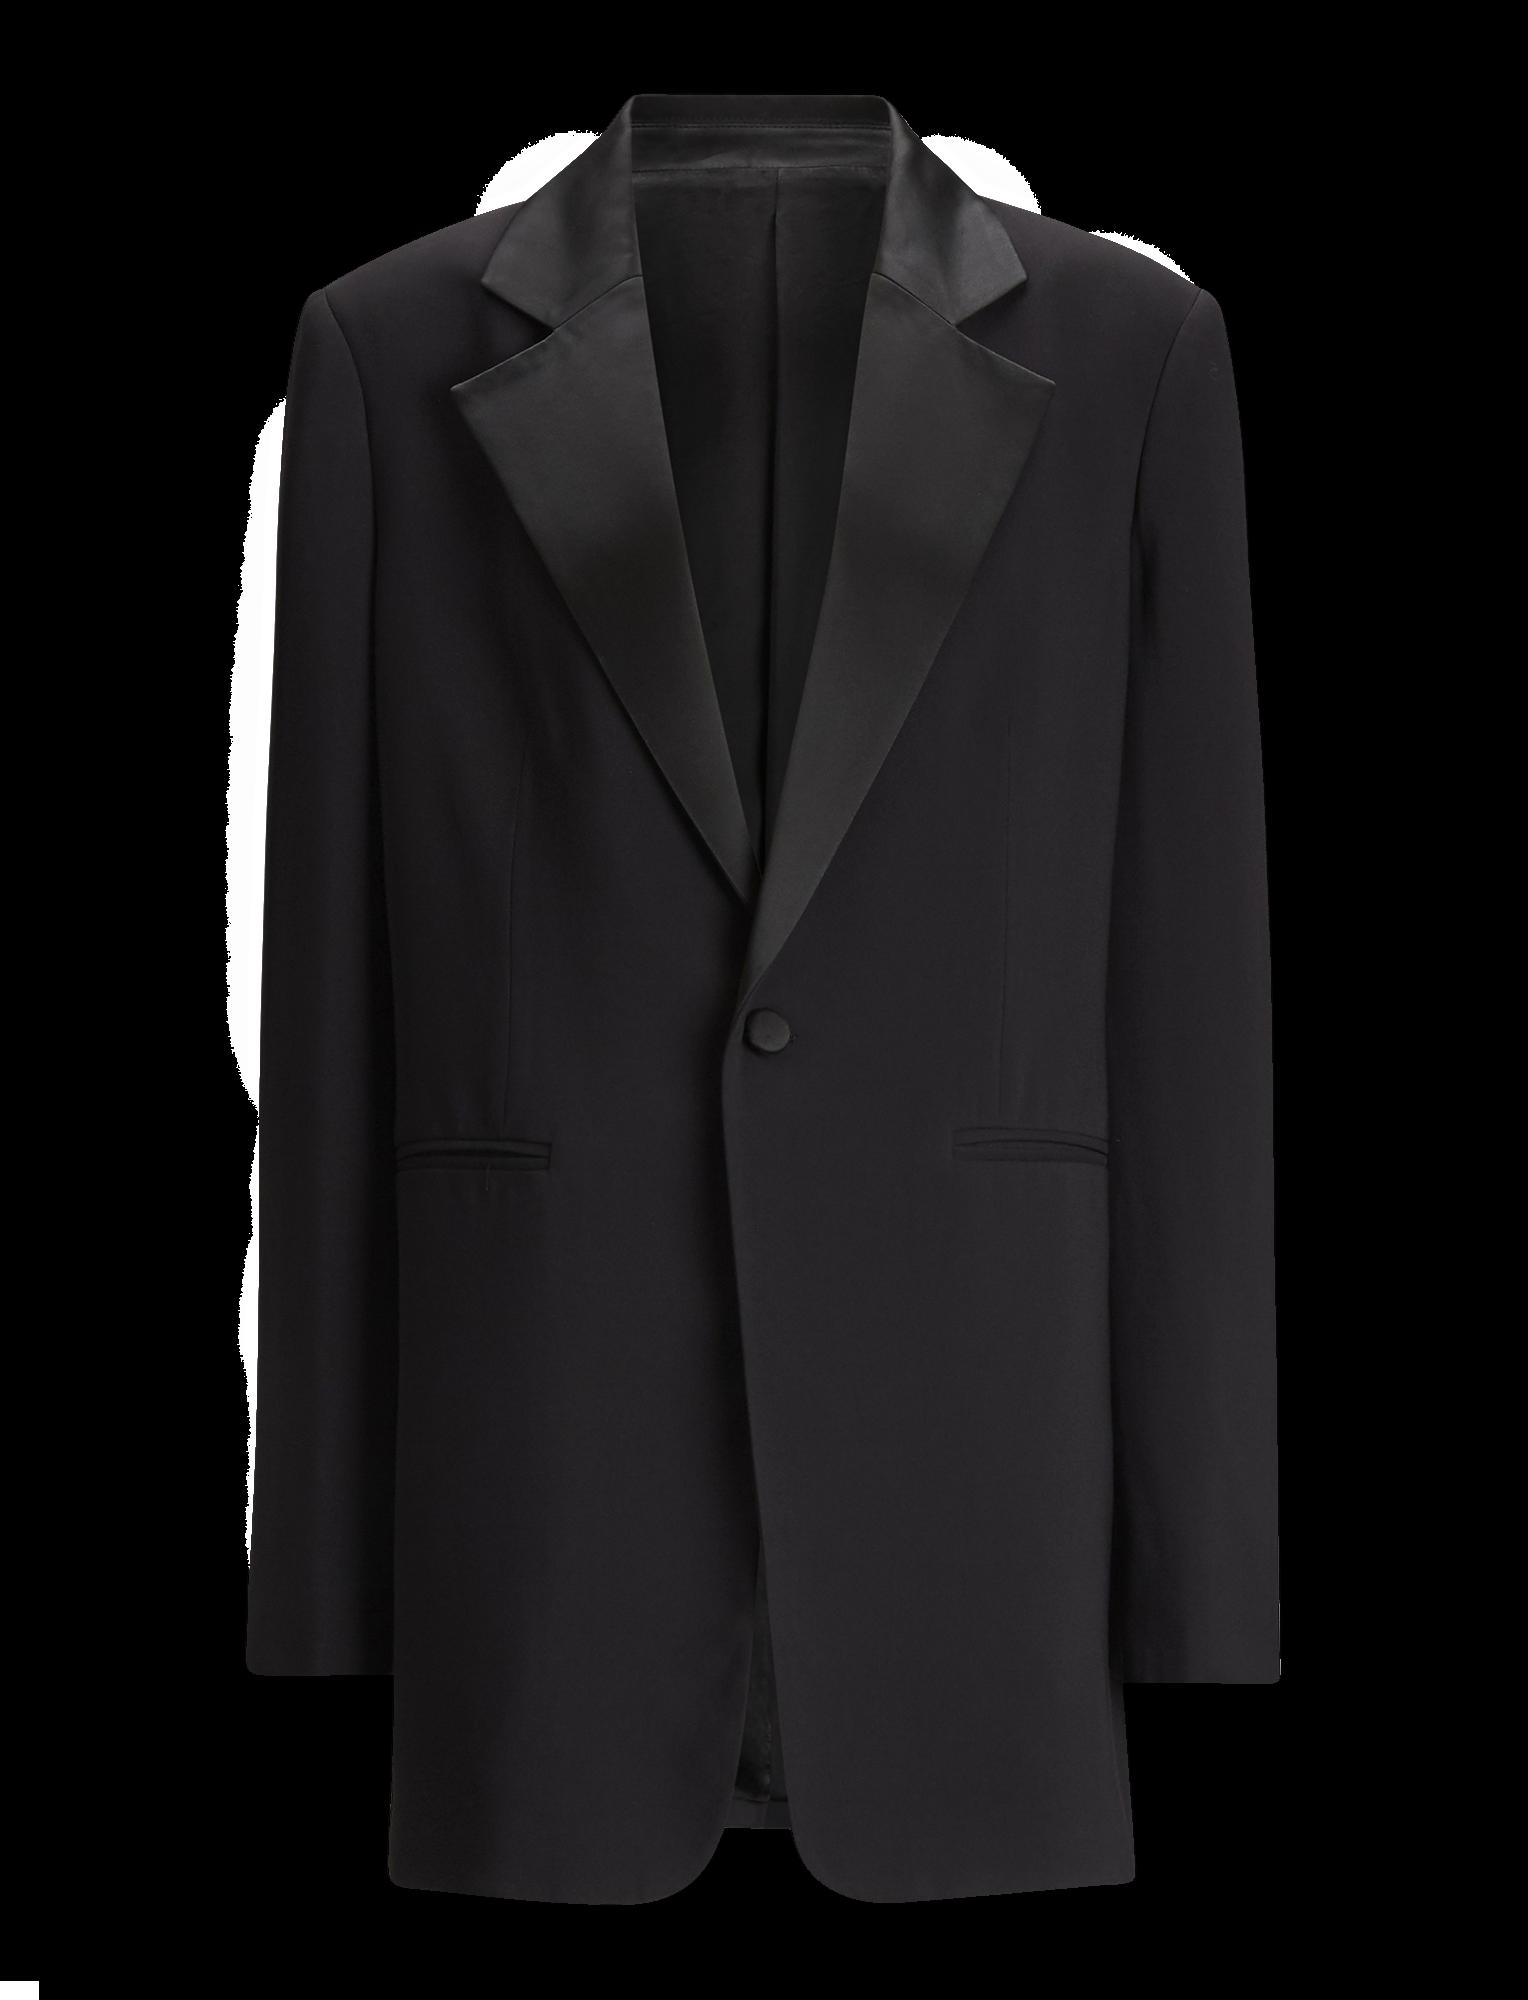 Joseph, Stearn Fluid Tuxedo Jacket, in BLACK